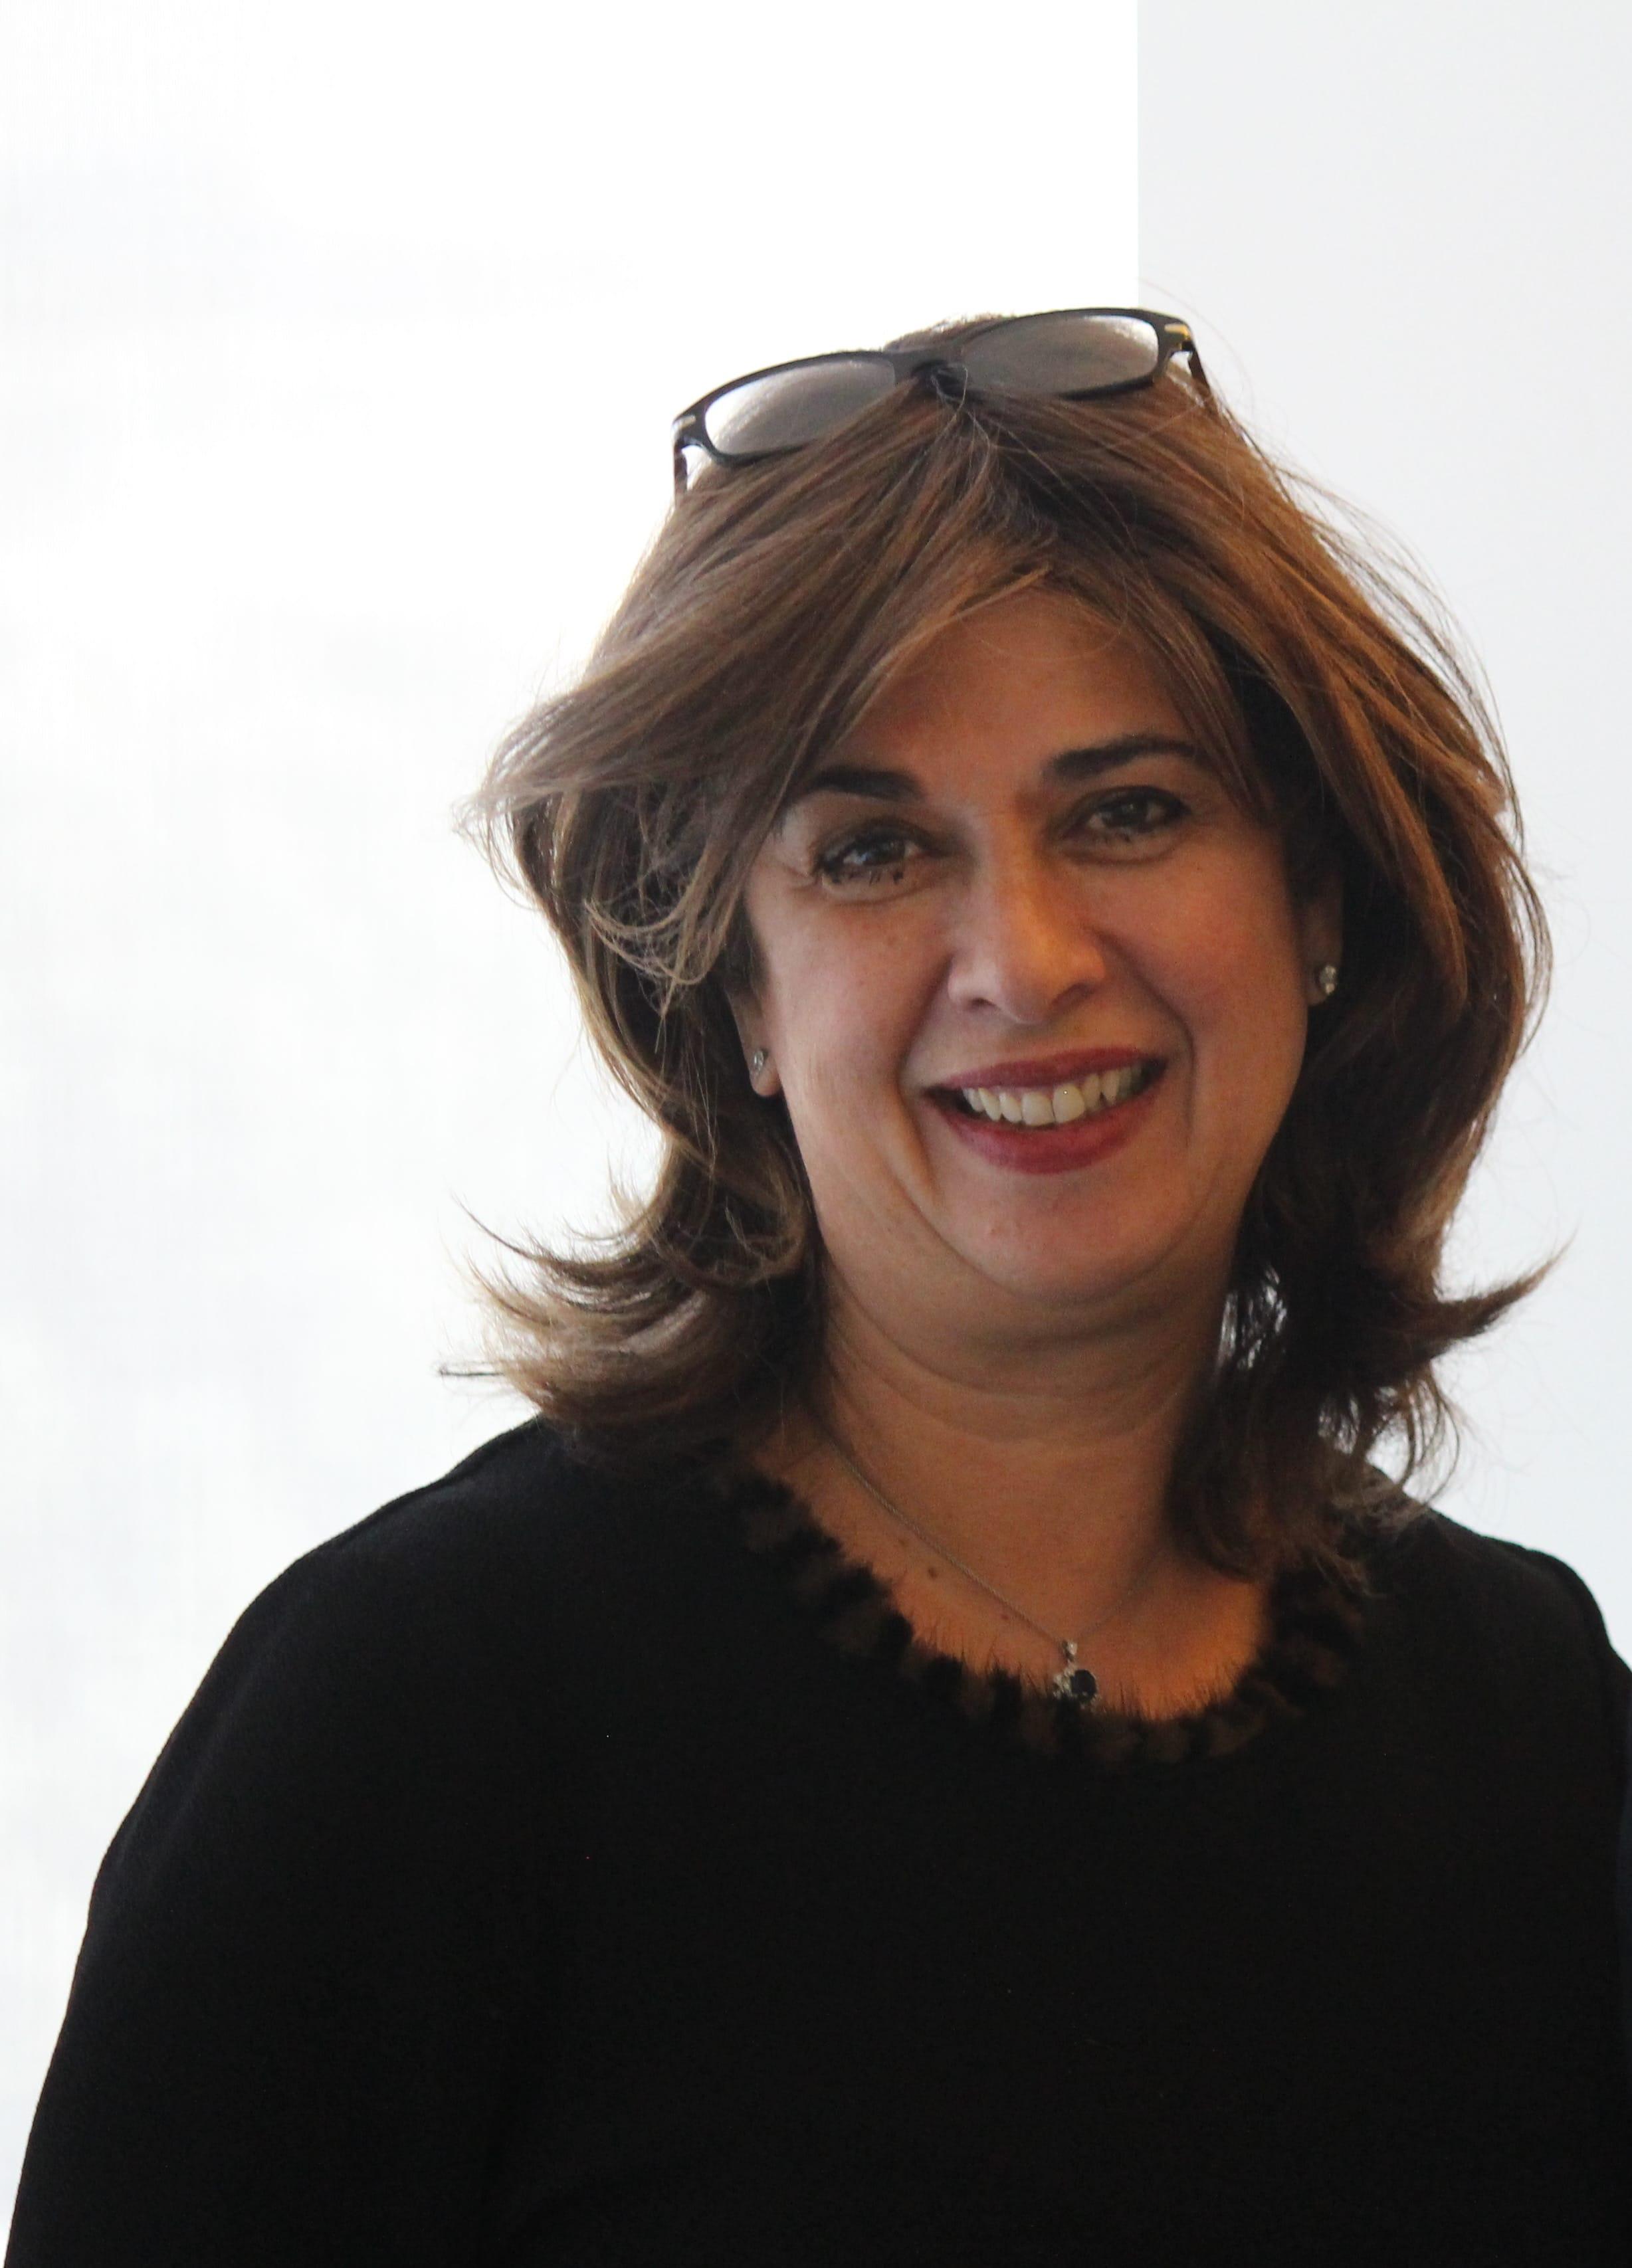 Tasoula Entrepreneur